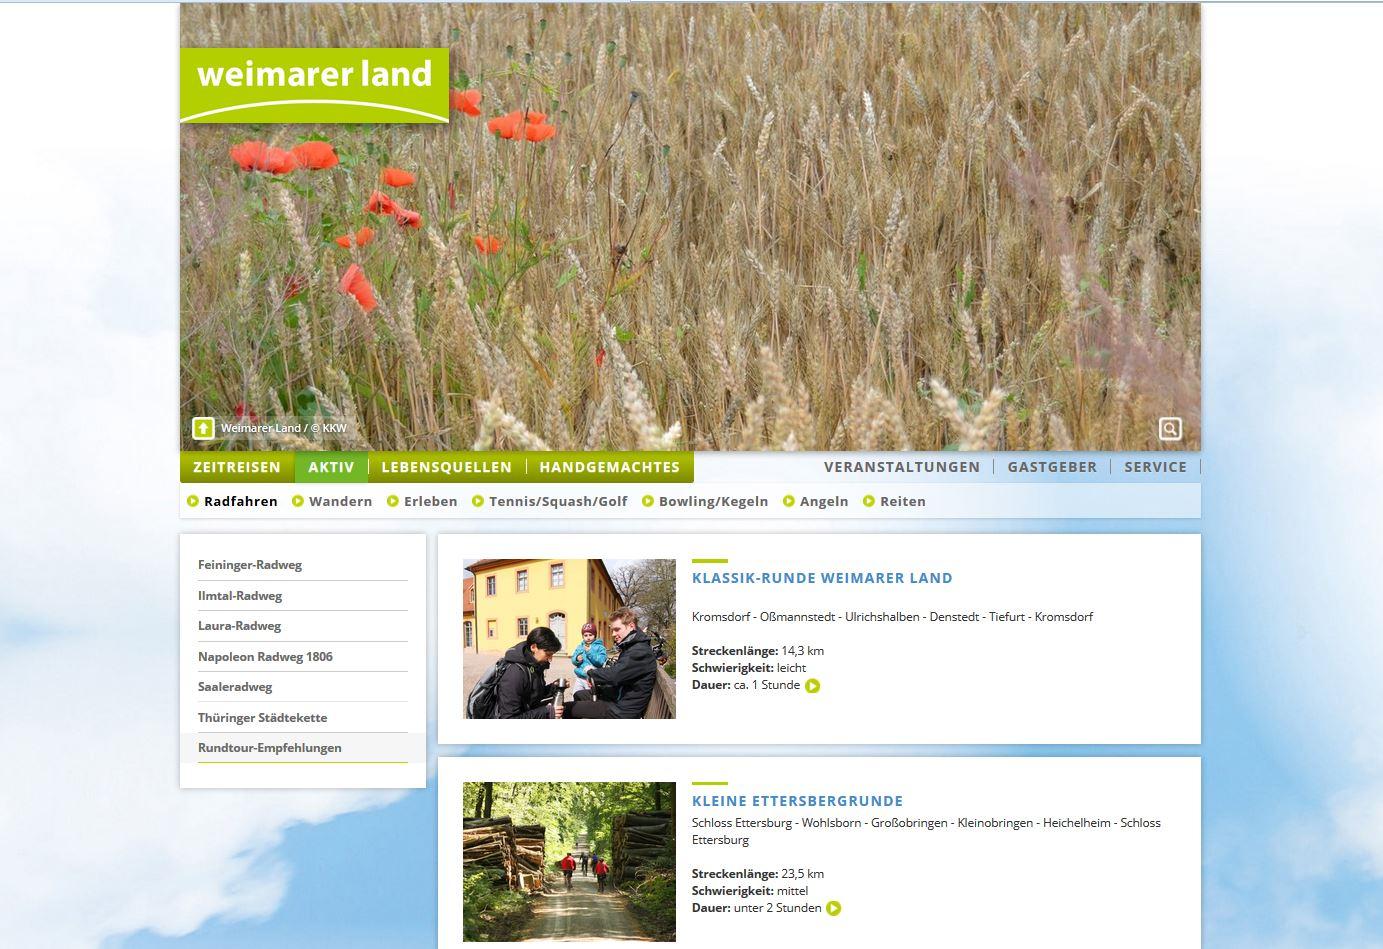 Internetseite Weimarer Land Tourismus e.V. - Radrundenempfehlungen (Weimarer Land Tourismus e.V.)